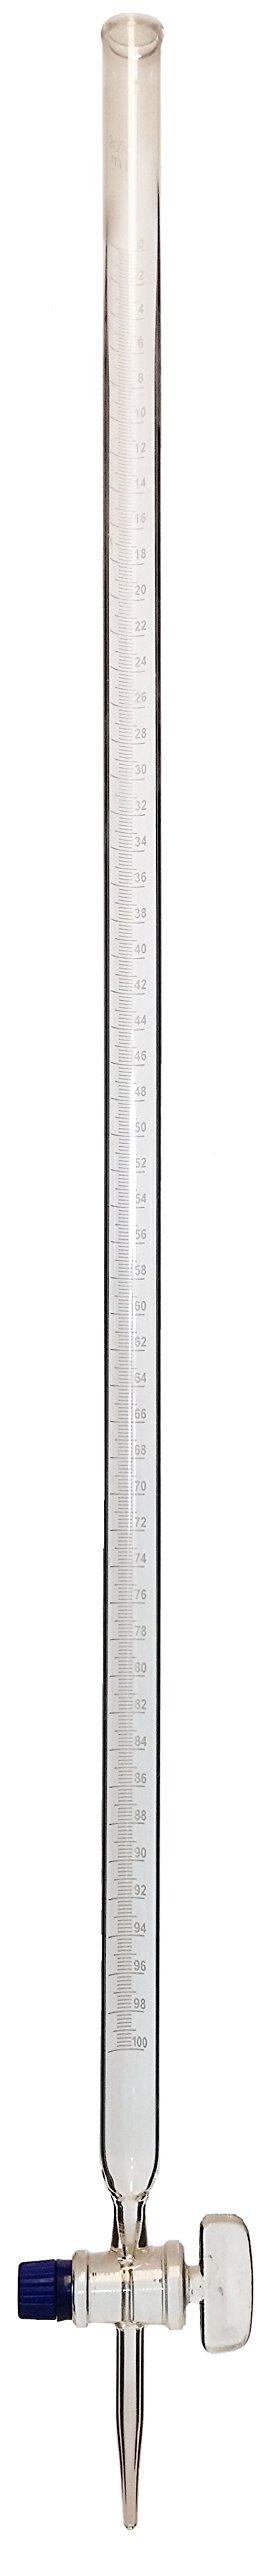 Glass burette w/ Glass Stopcock 100ml